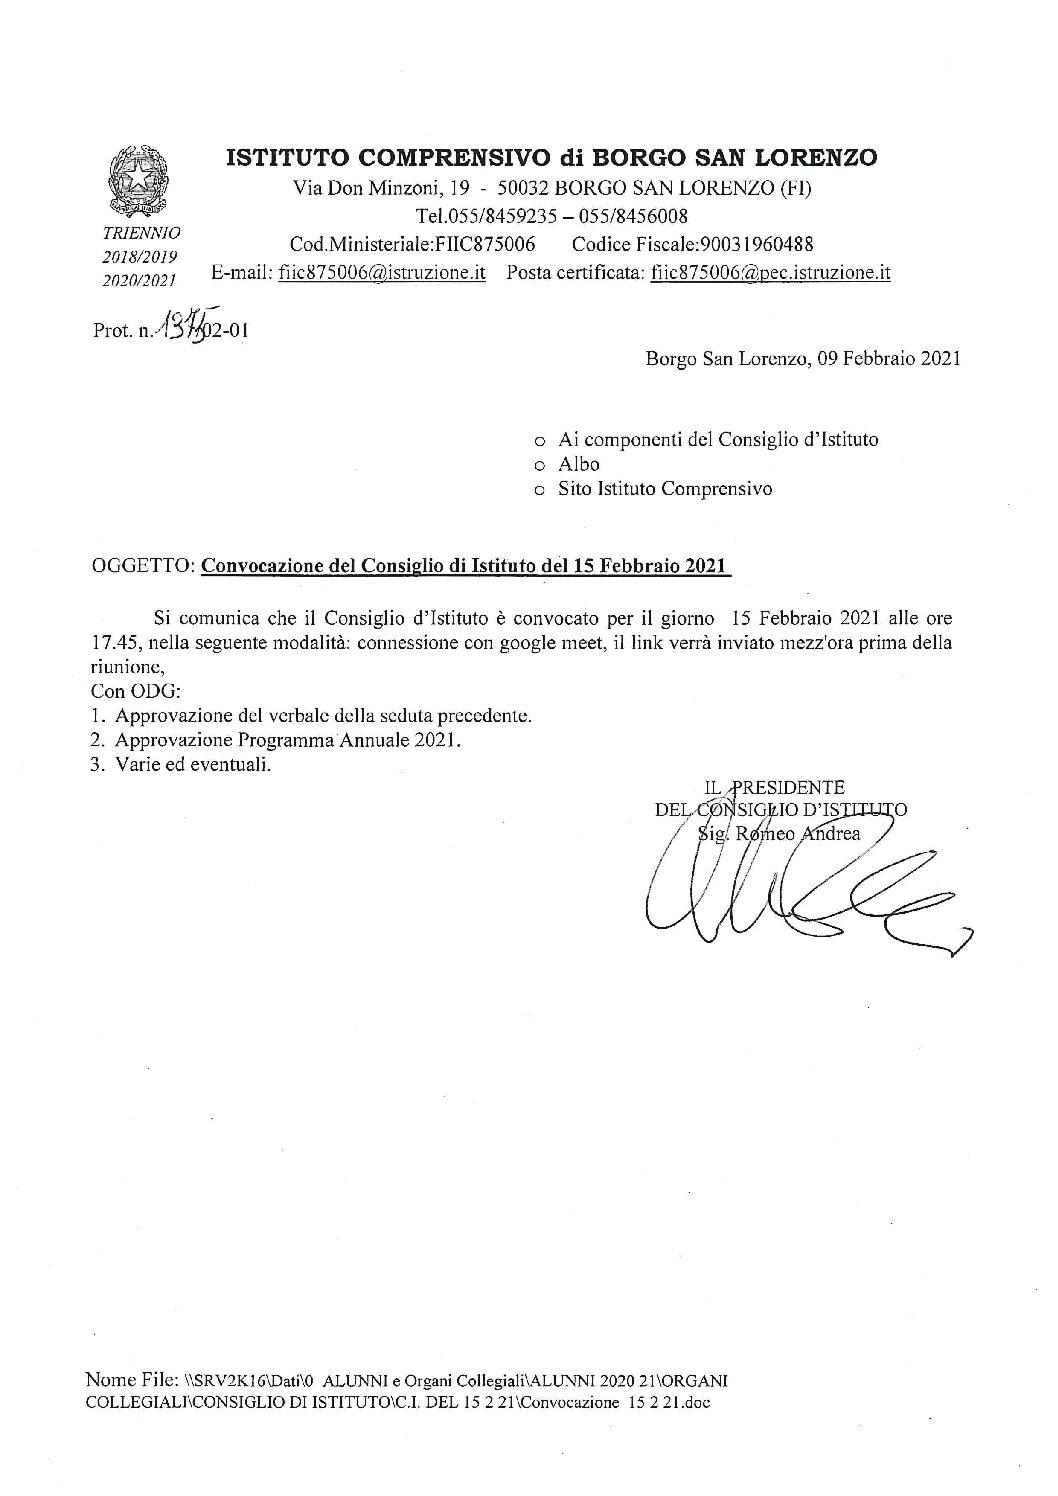 CONVOCAZIONE DEL CONSIGLIO DI ISTITUTO 15/02/2021